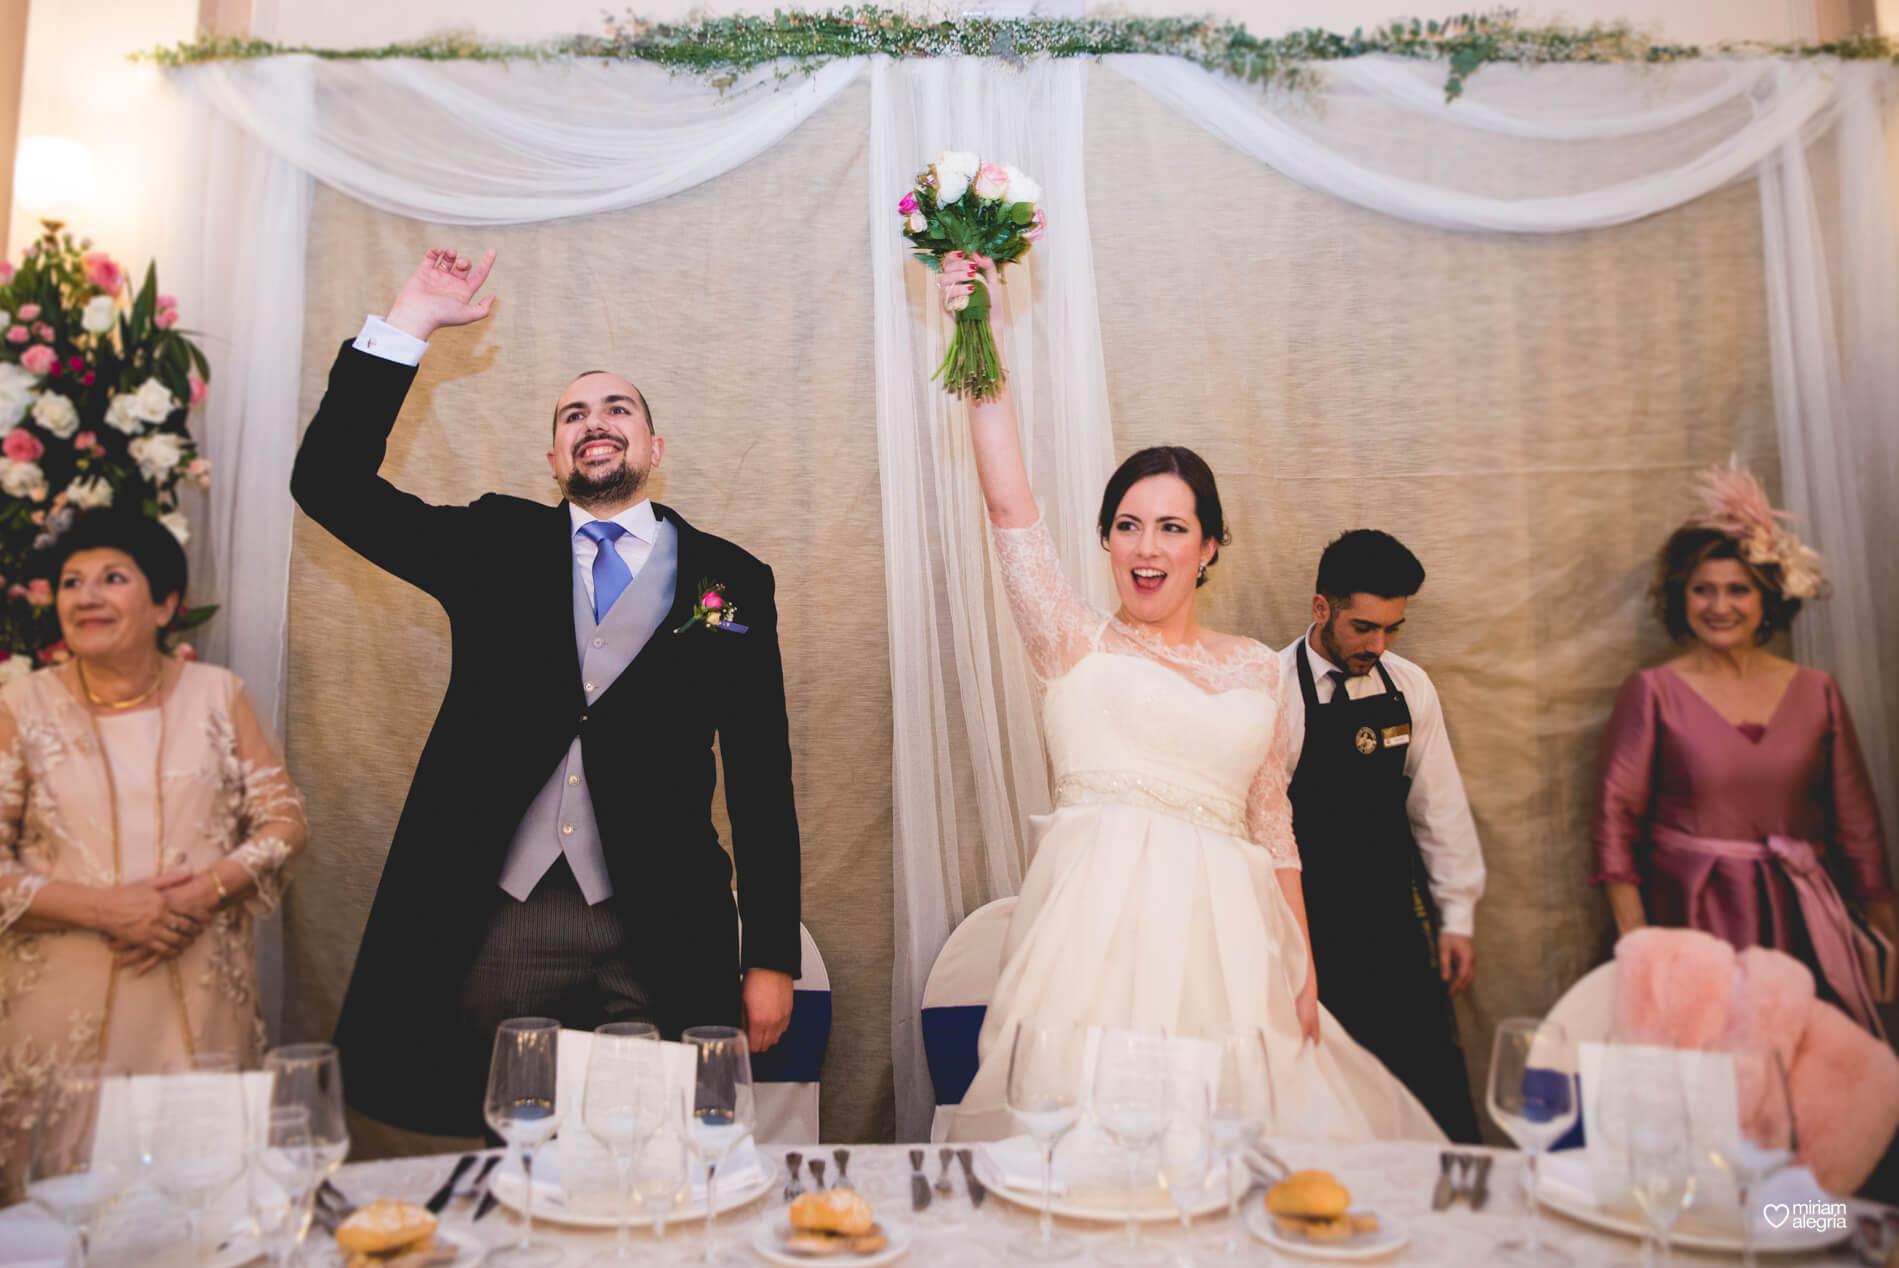 boda-en-el-rincon-huertano-miriam-alegria-fotografos-boda-murcia-110